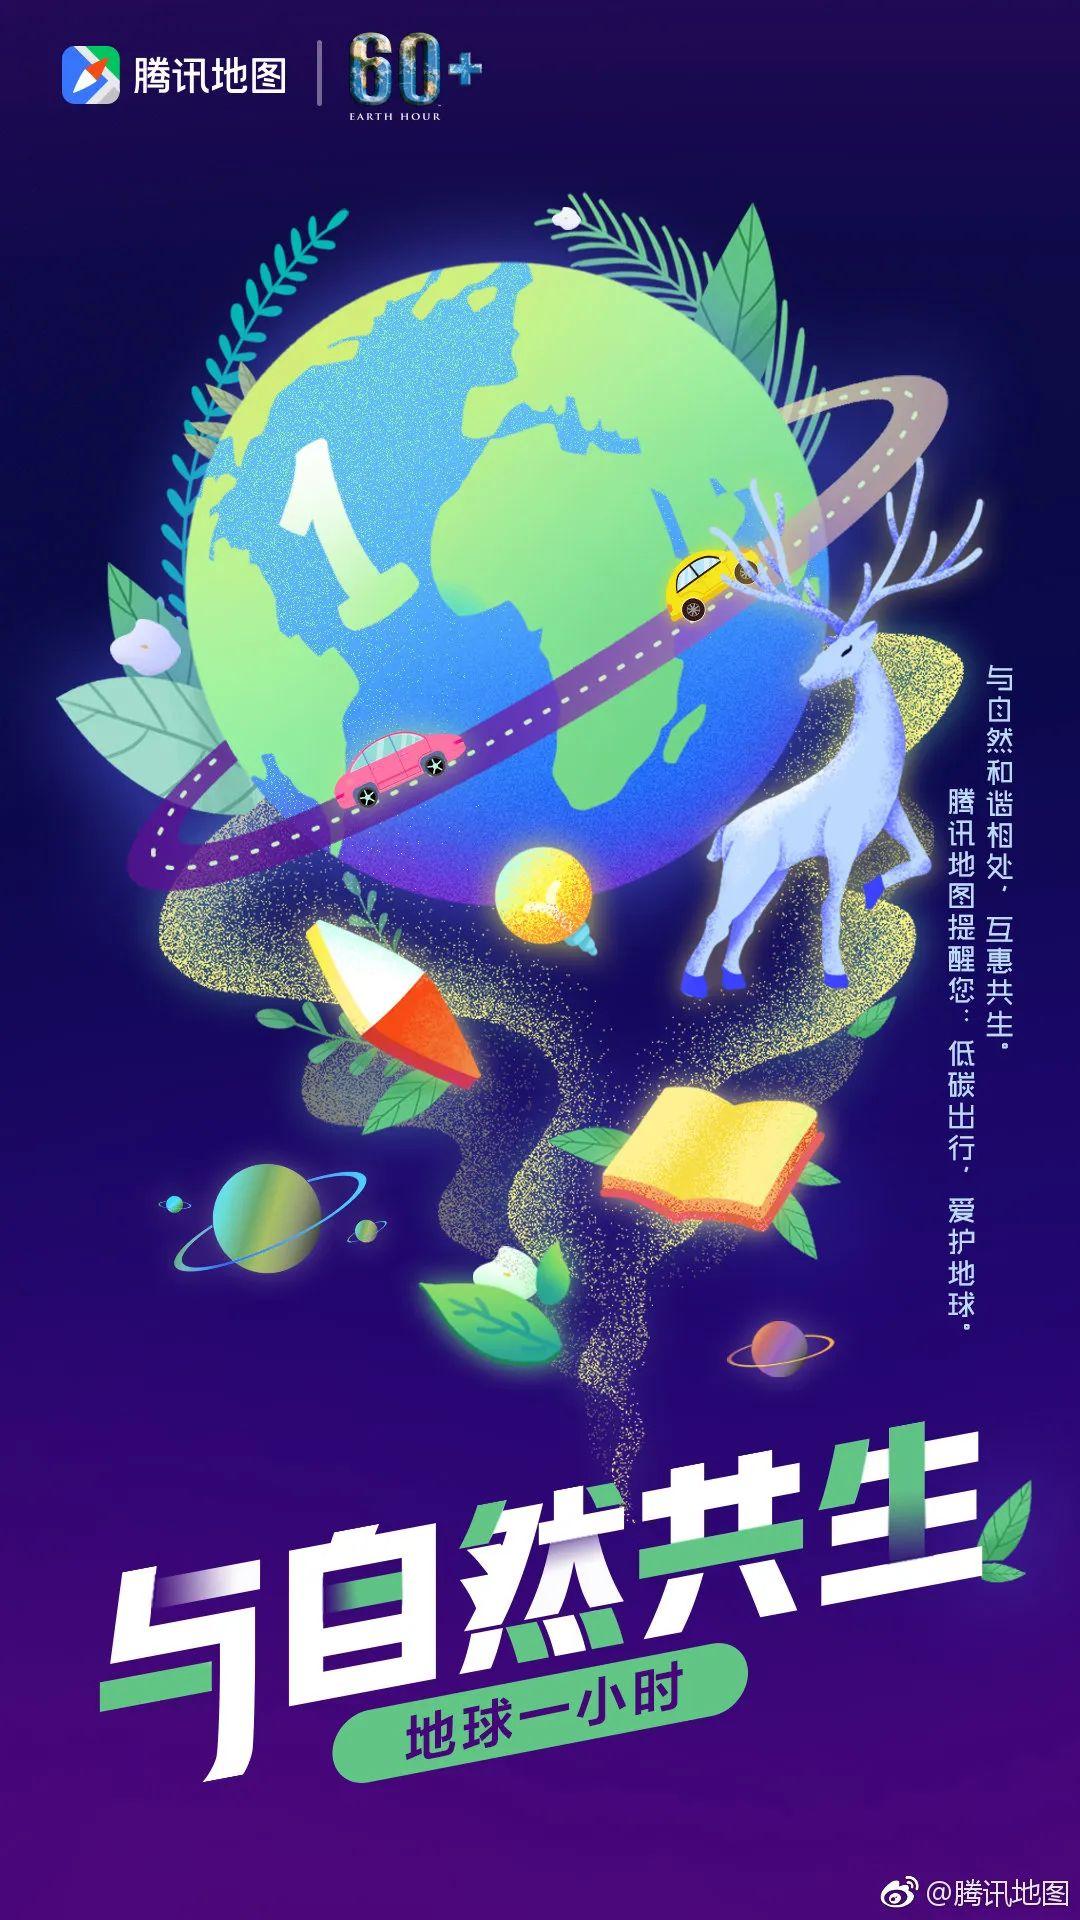 地球一小时文案海报:抬头发现天空中最亮的星!插图7